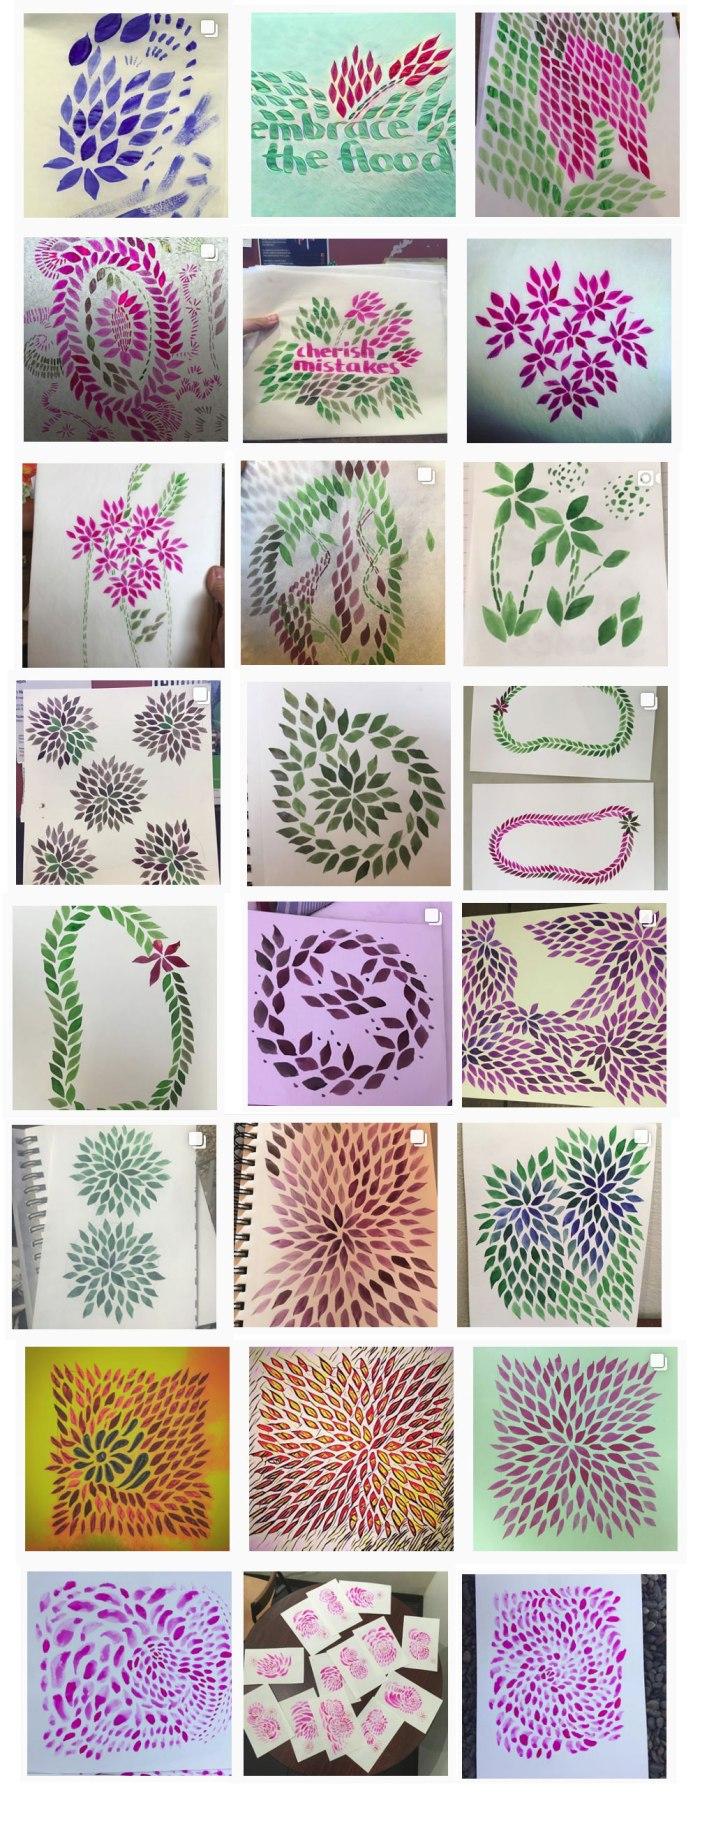 watercolorleaves